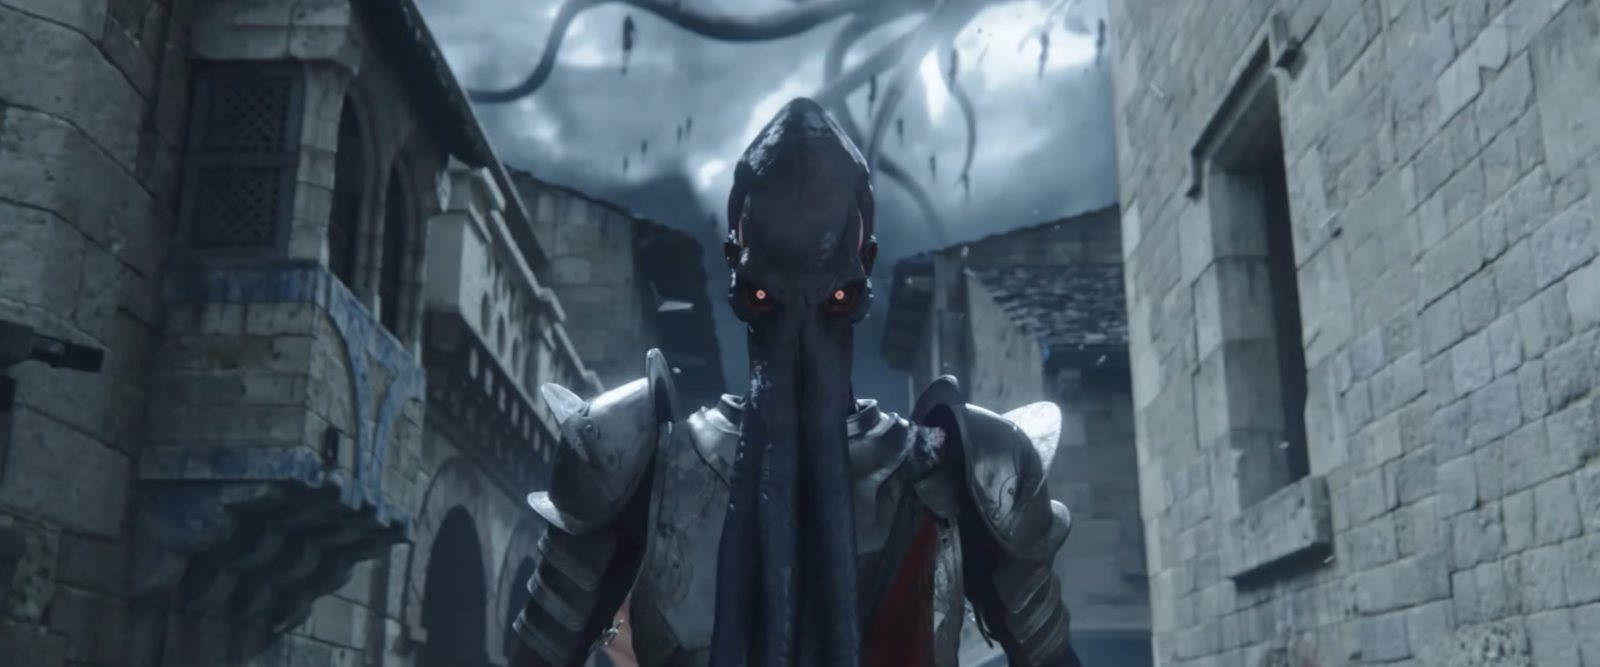 《博德之门3》开发者暗示游戏或将不会在PS4/XBOX ONE上运行